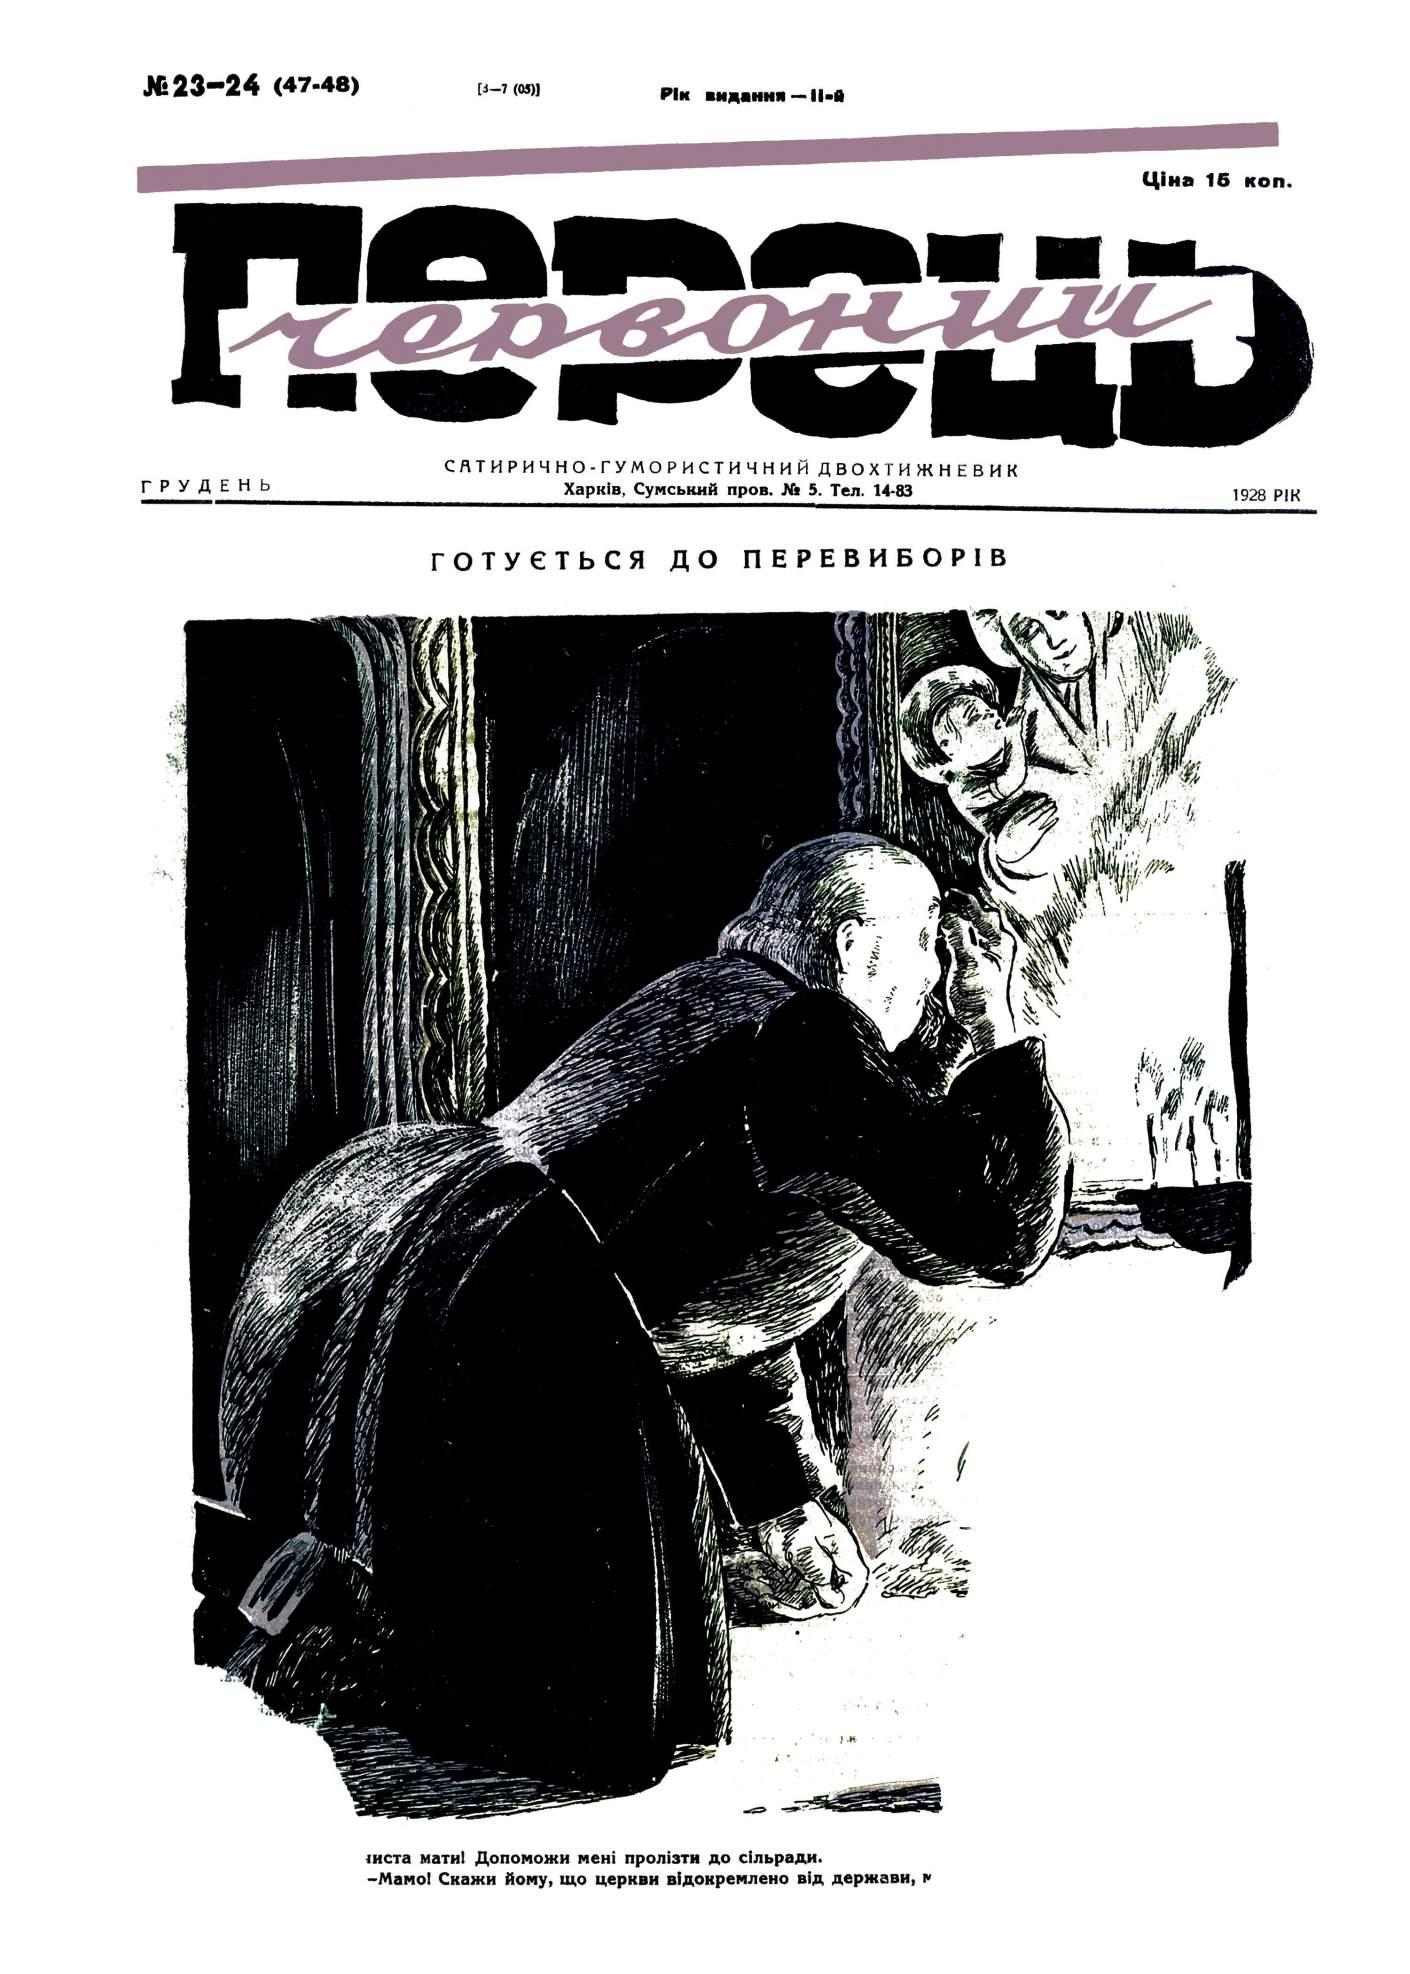 Журнал перець 1928 №23-24